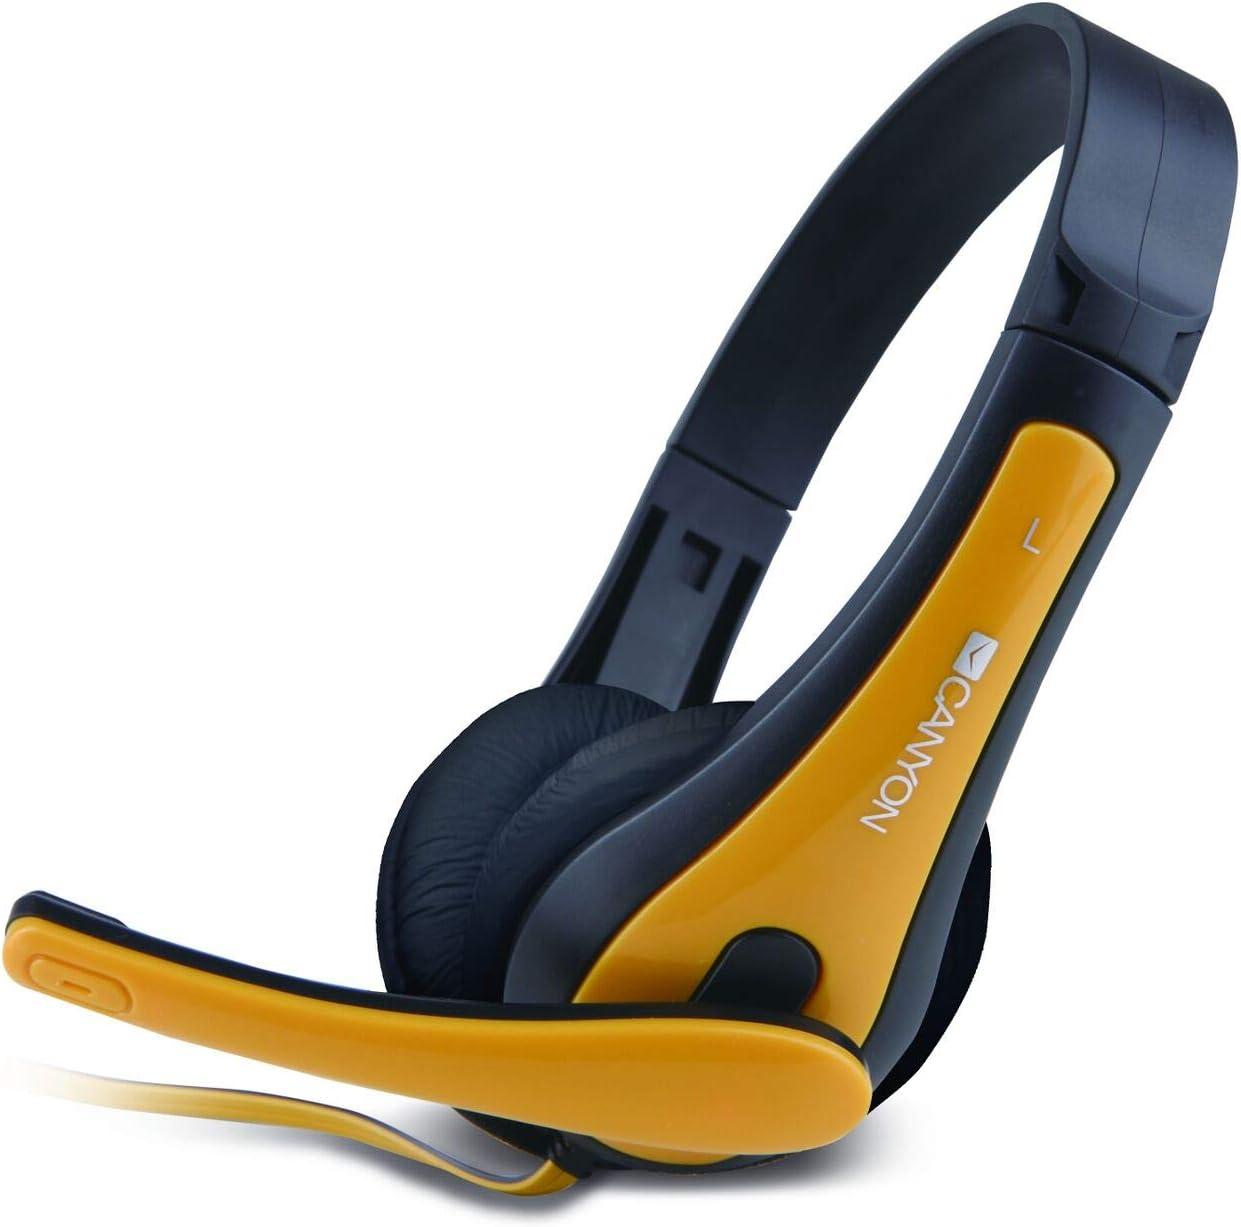 Jaune Casque Audio PC//Jeux, Binaural, Bandeau, Noir, Jaune, avec Fil, 2 m Casques Audio Canyon CNS-CHSC1BY Binaural Bandeau Noir